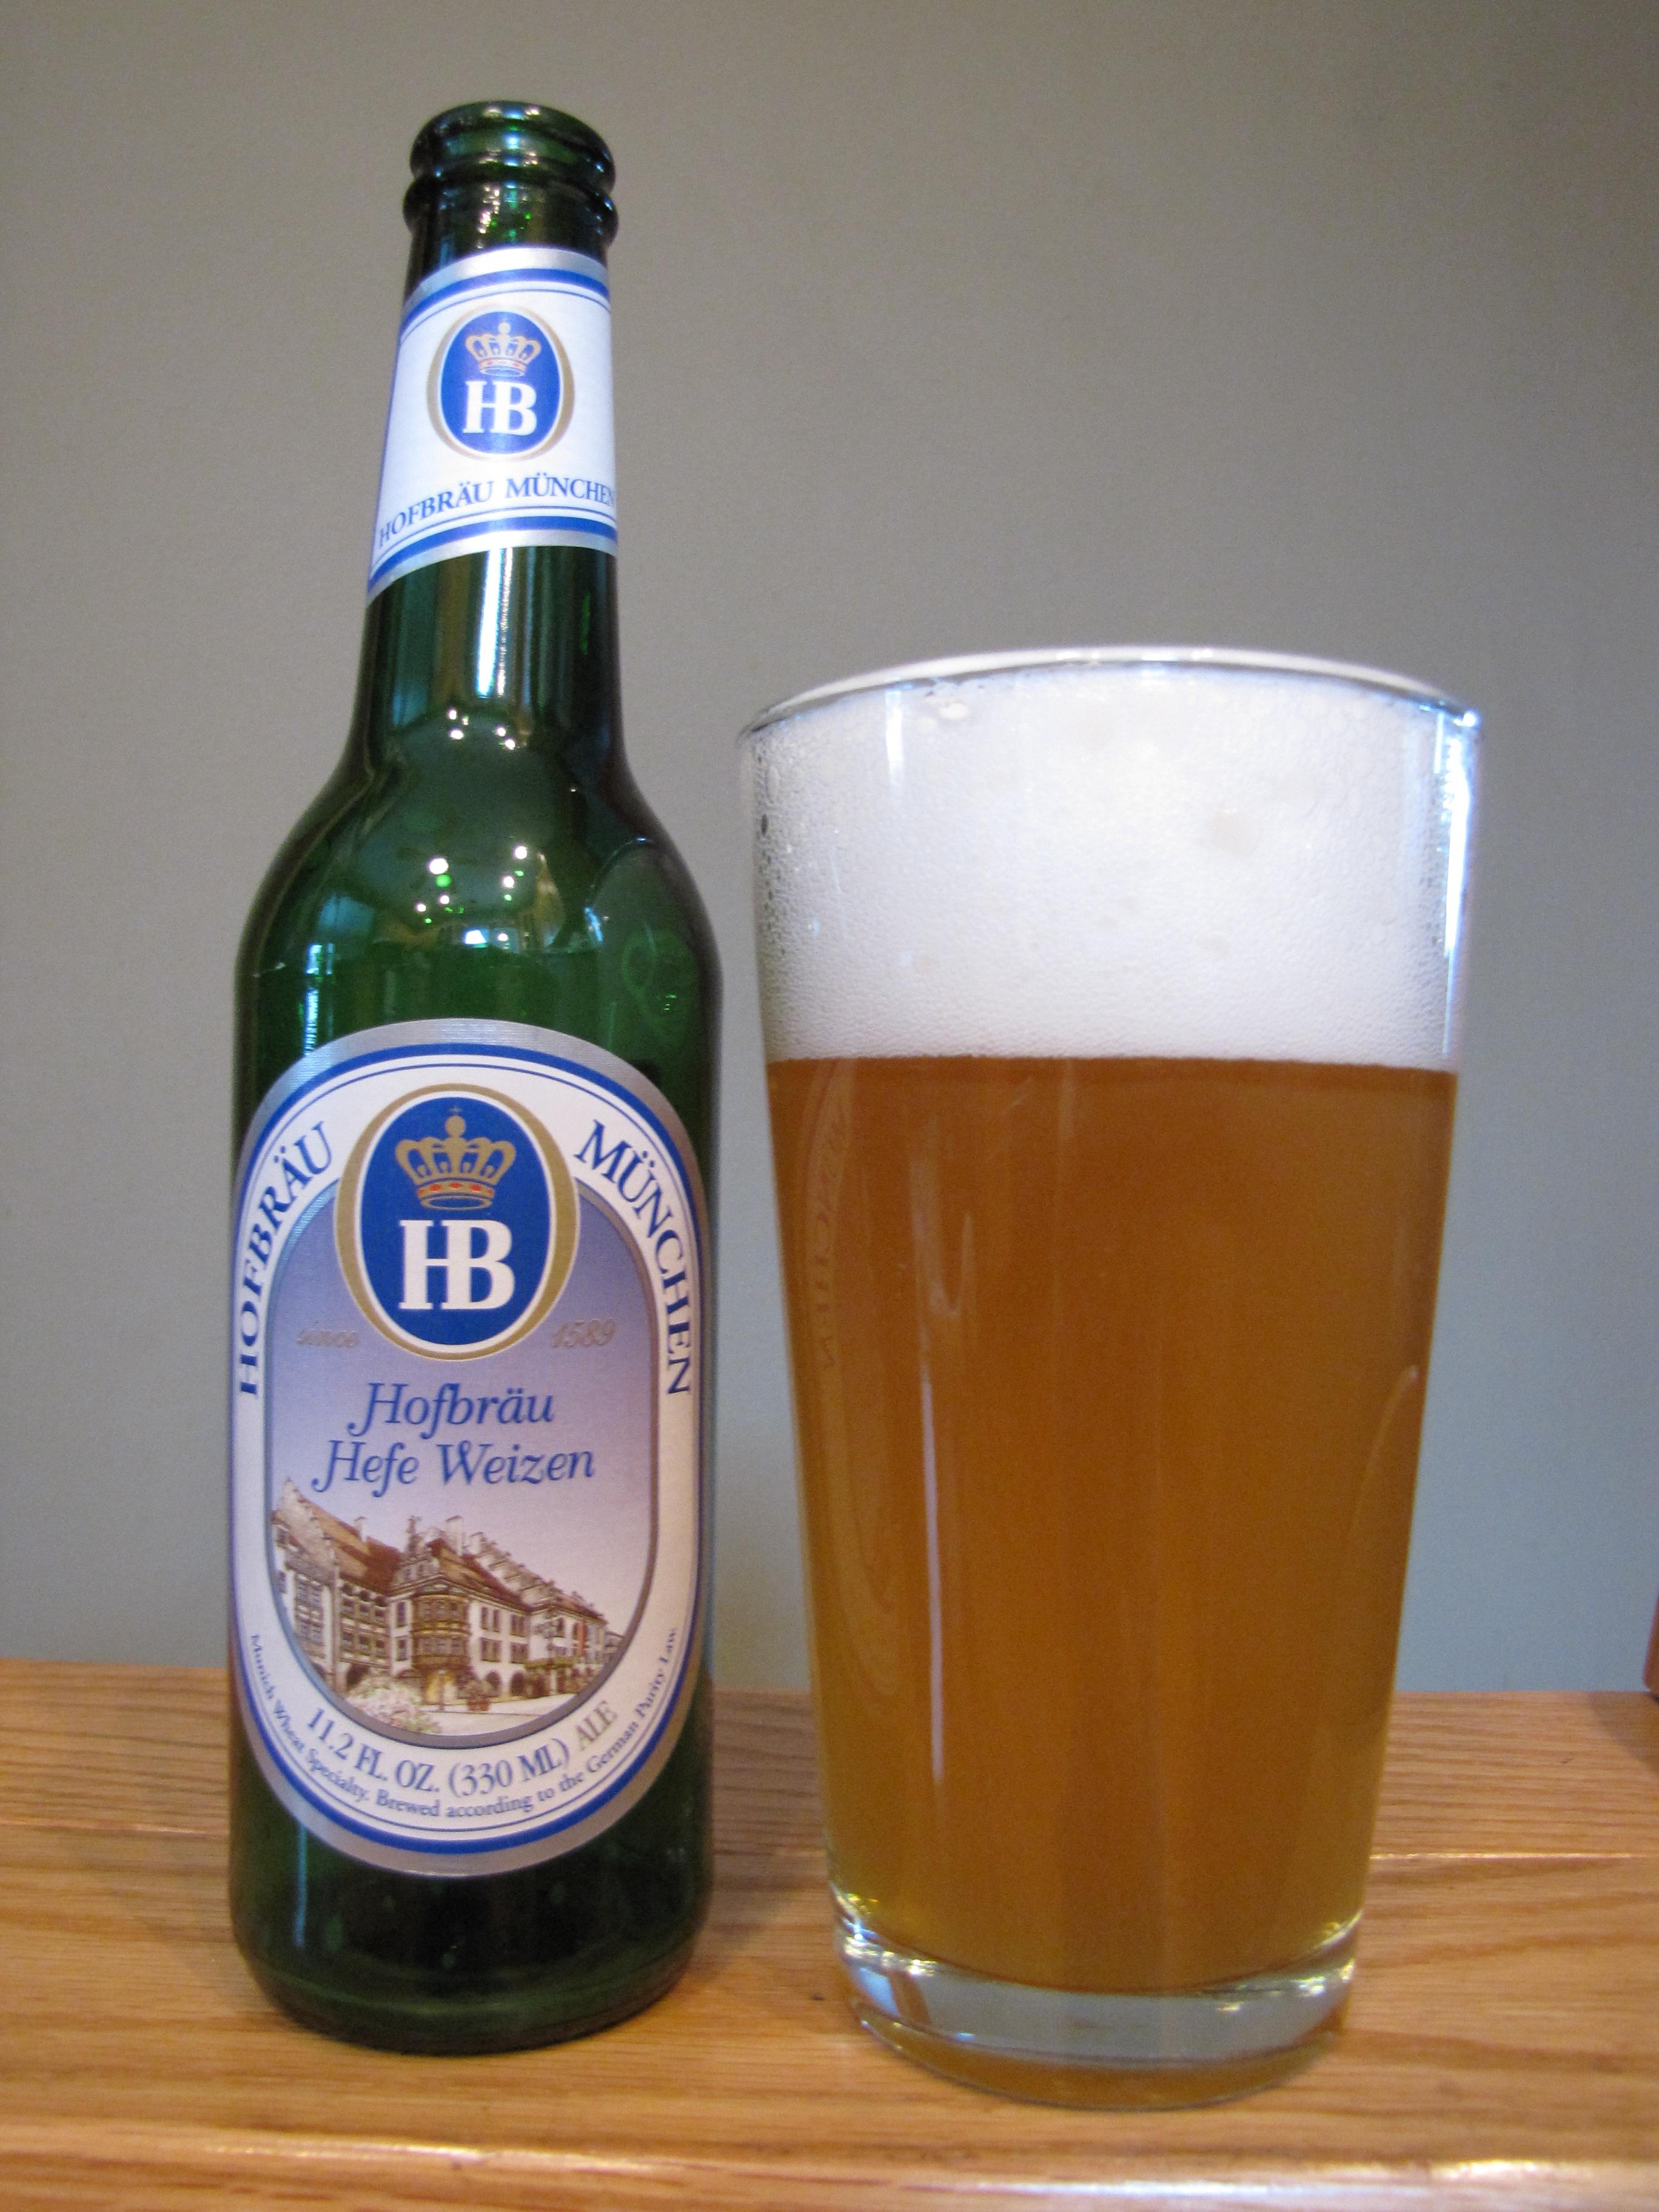 Hofbräu Münchner Hefe Weizen